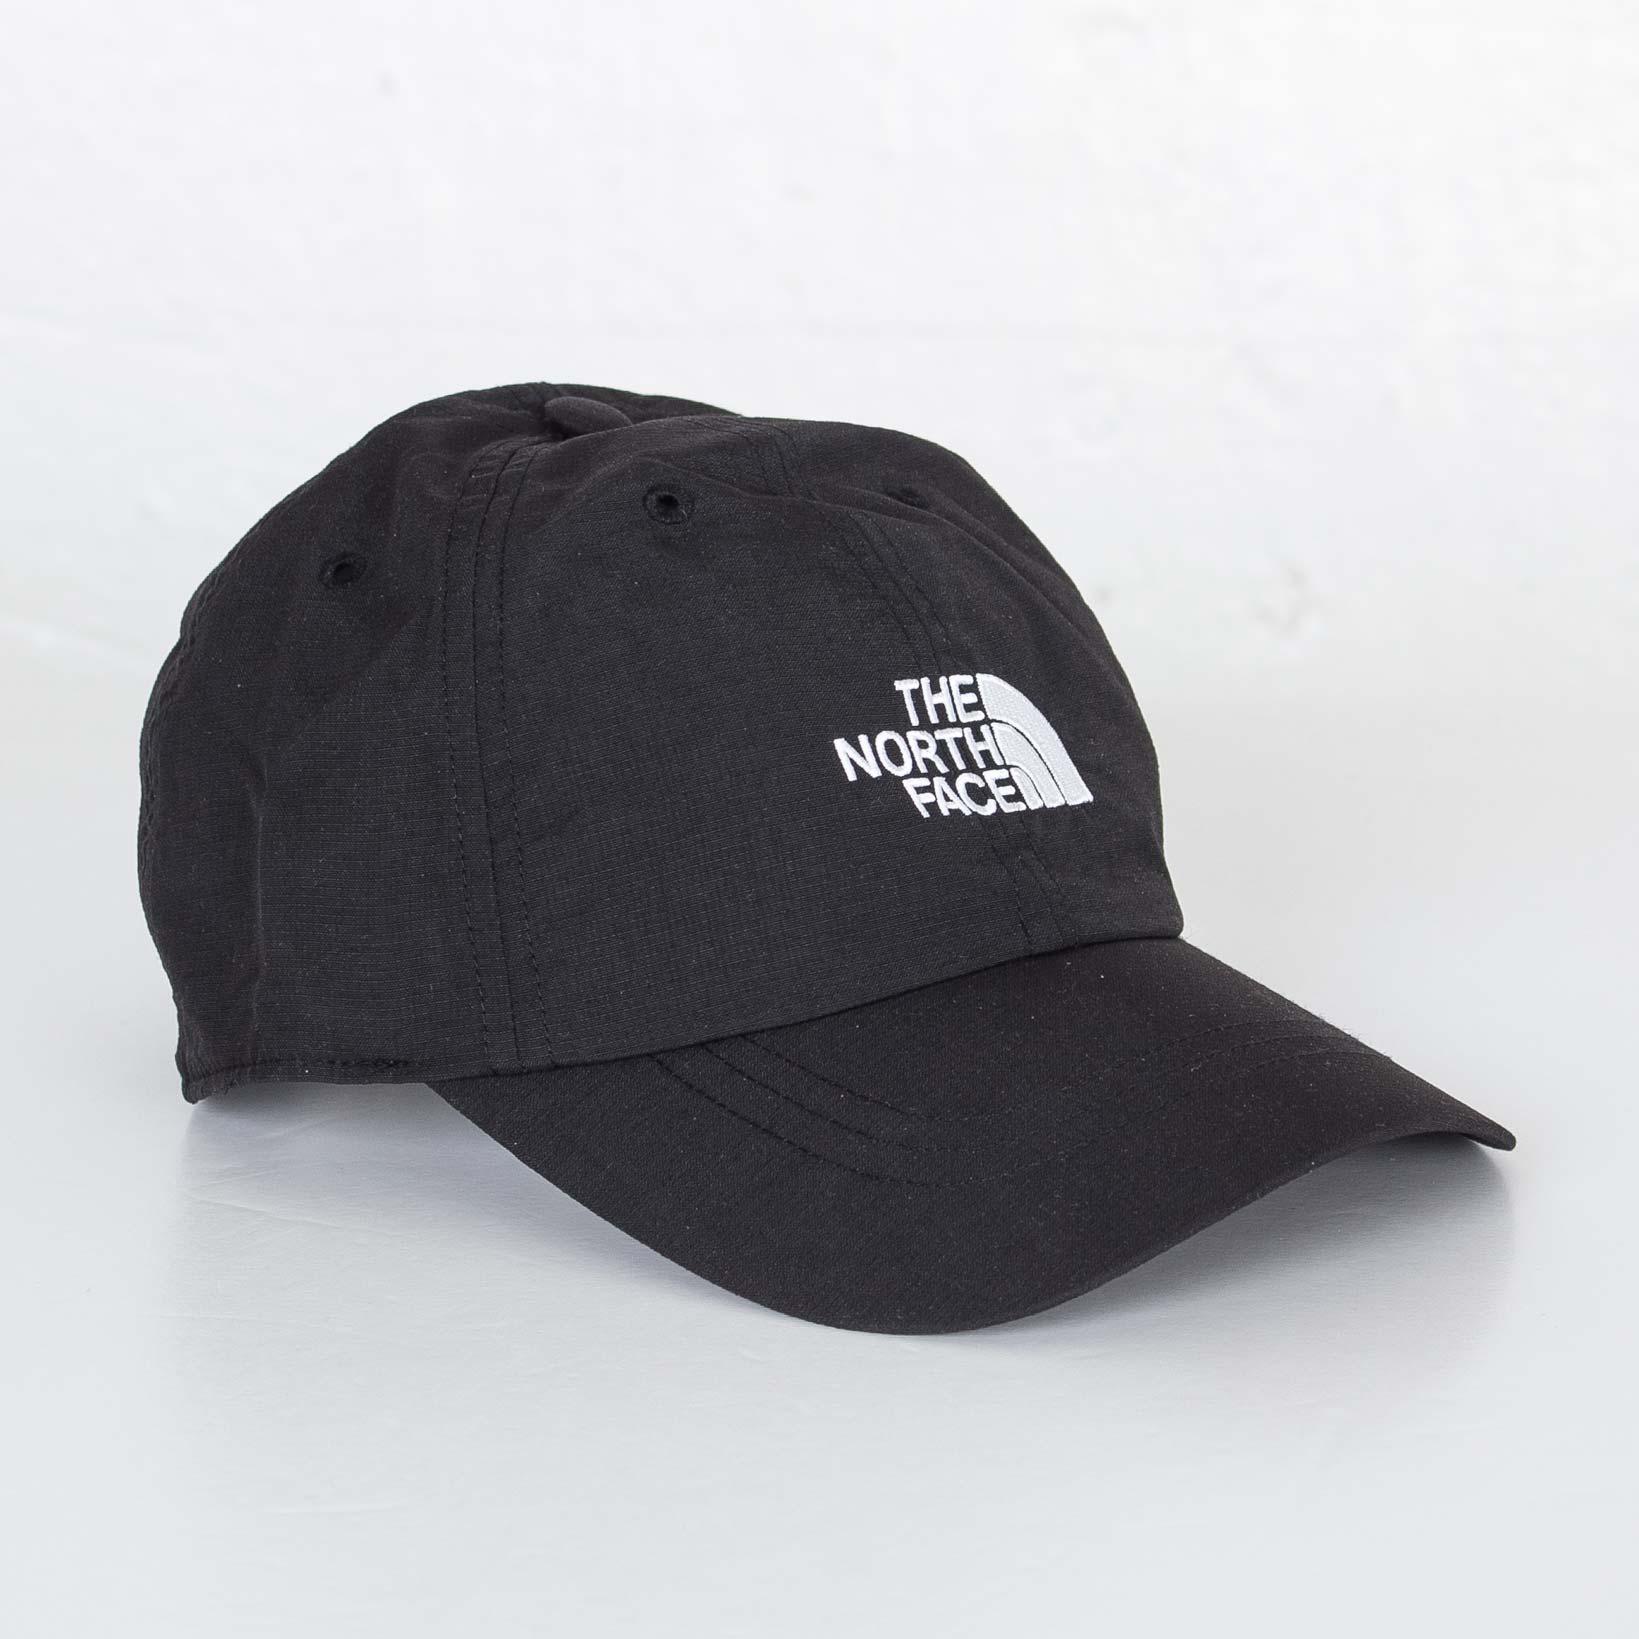 0a708478e4a8b6 The North Face Horizon Ball Cap - T0cf7wjk3 - Sneakersnstuff ...